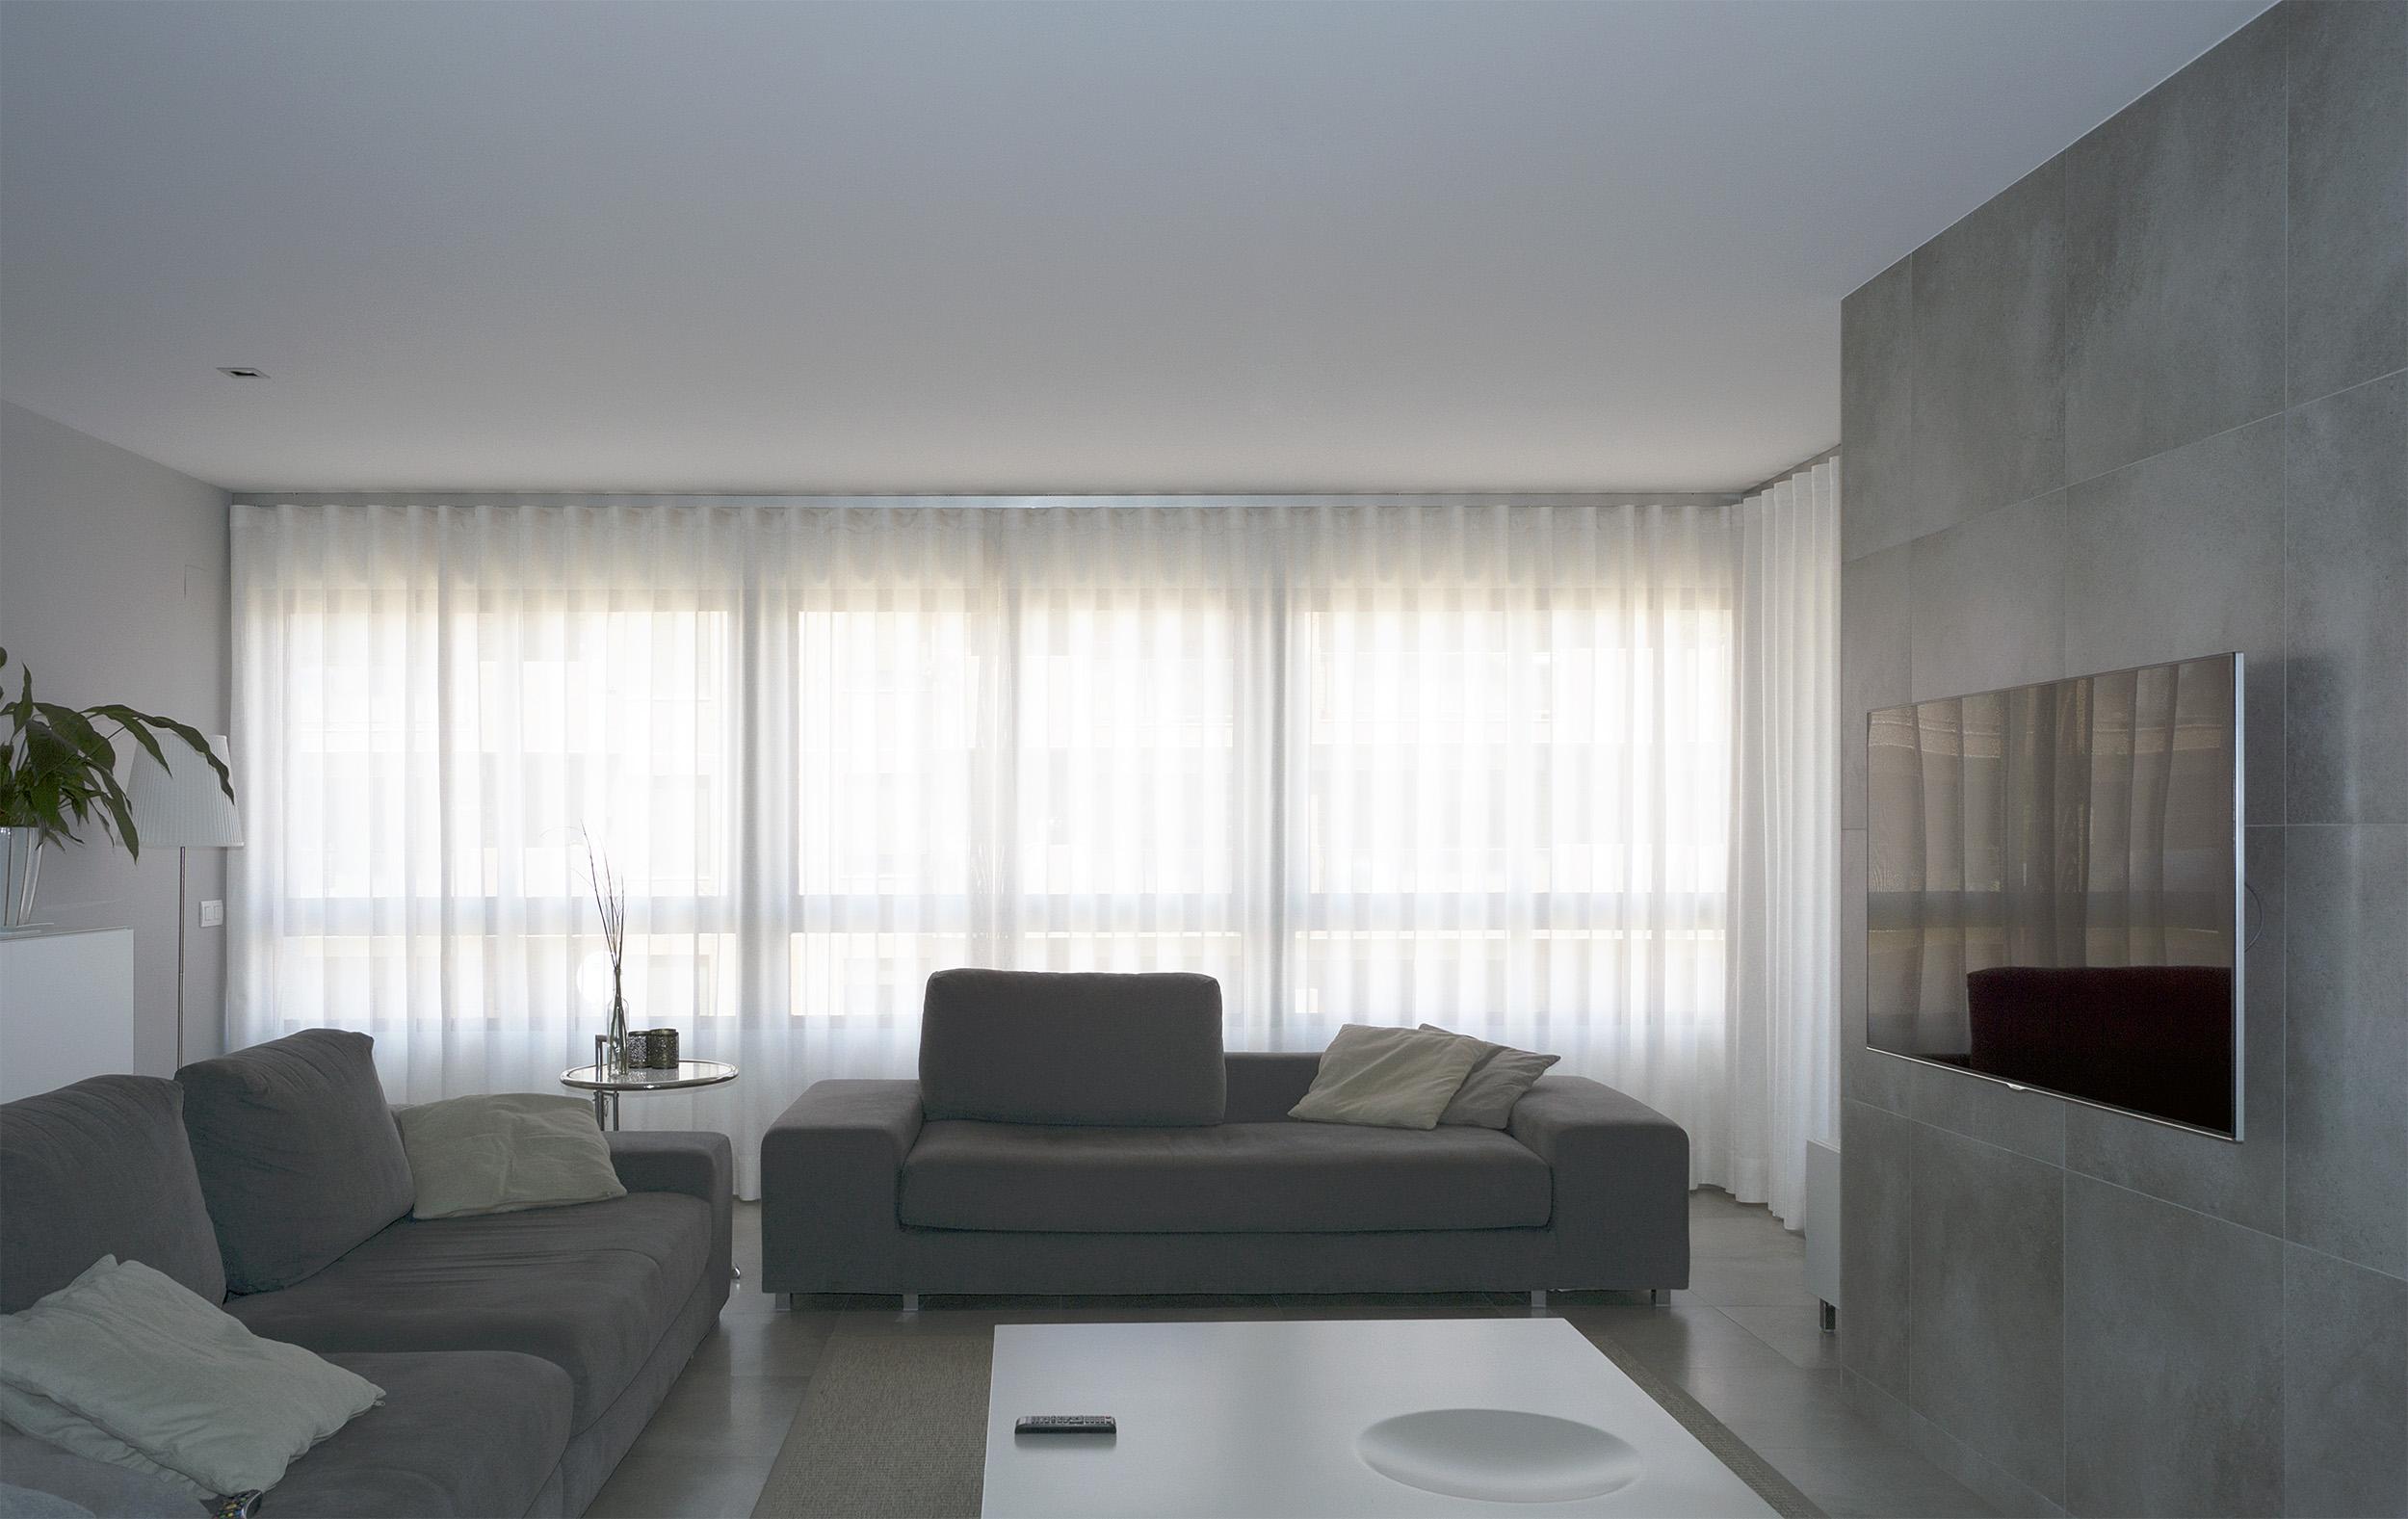 Cortinas salon moderno free top finel visillos las nubes - Visillos para salones ...